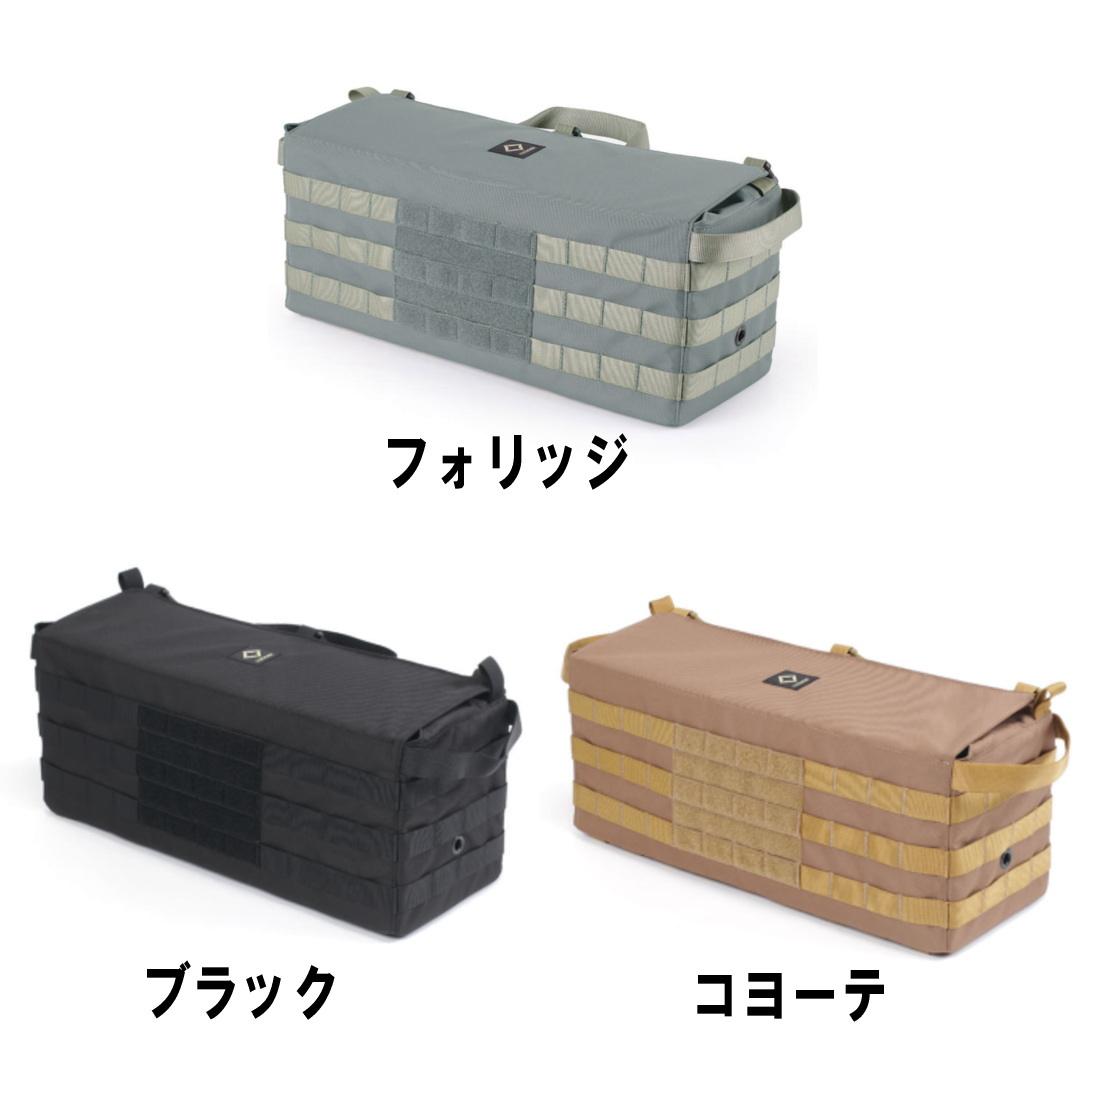 ヘリノックス タクティカルテーブル サイドストレージ M チェアオプション  国内正規品